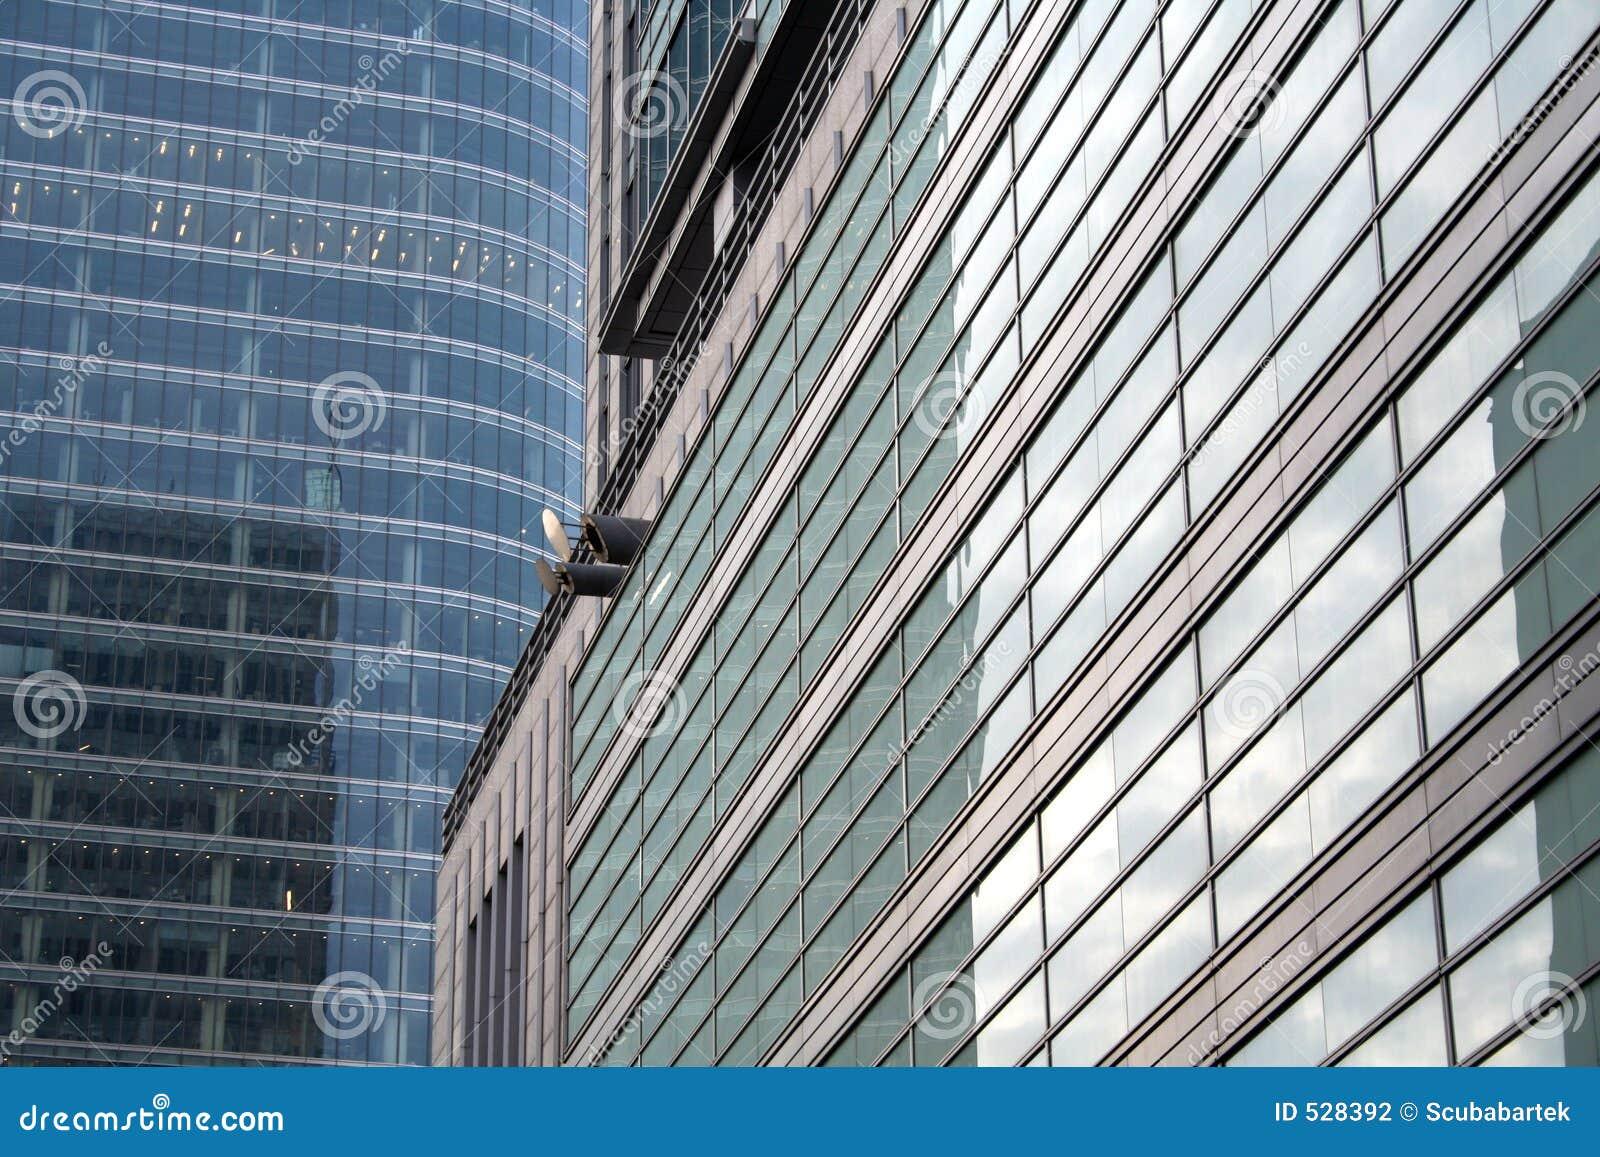 Download 反射的摩天大楼视窗 库存照片. 图片 包括有 商业, 布琼布拉, 玻璃, 视窗, 楼层, 财务, 摩天大楼, 反映 - 528392